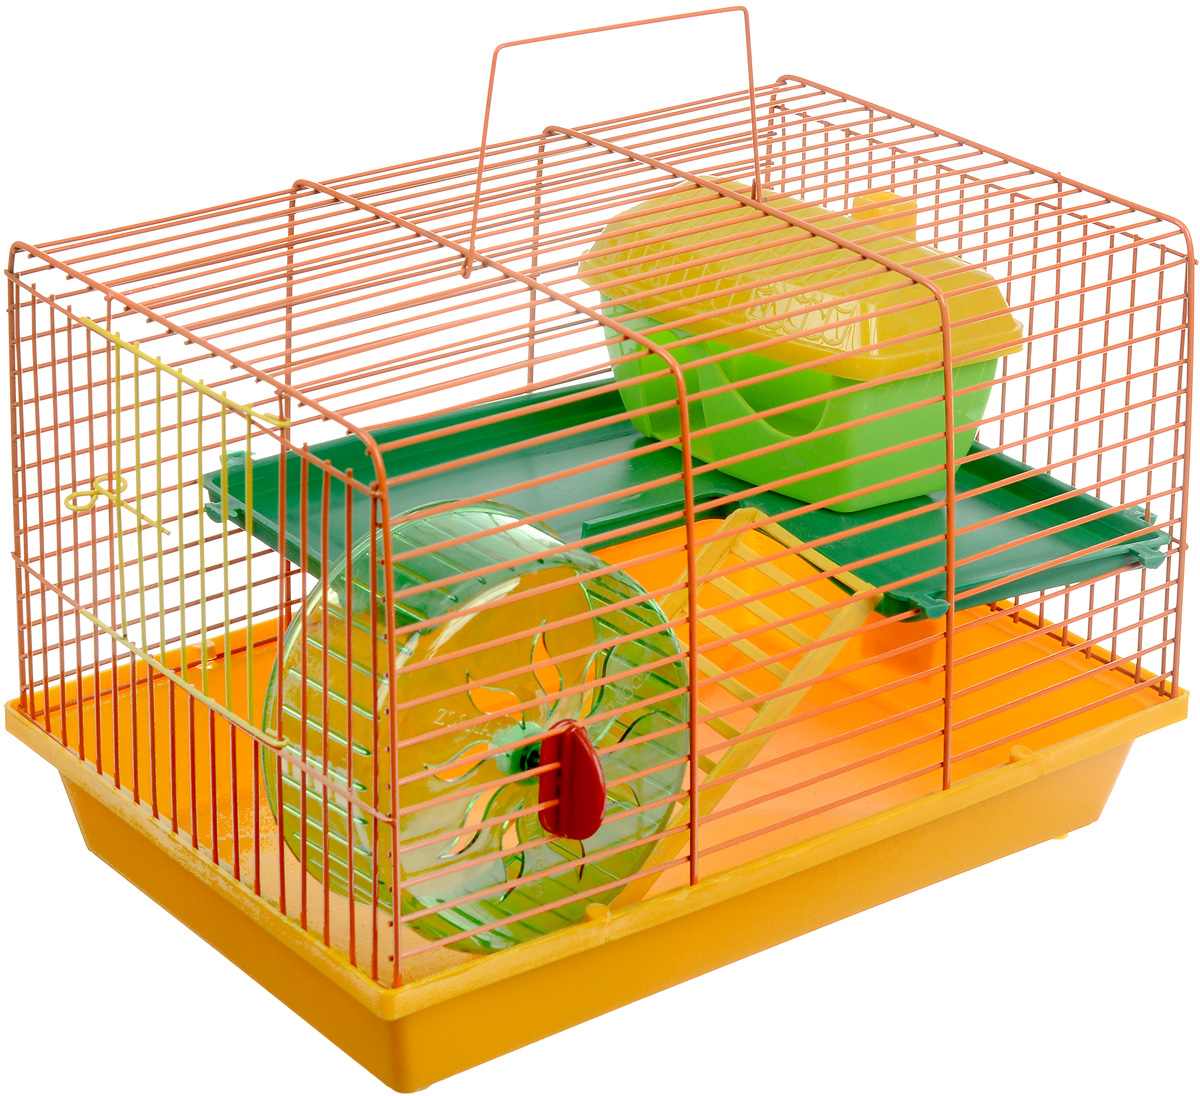 Клетка для грызунов ЗооМарк, 2-этажная, цвет: желтый поддон, оранжевая решетка, зеленый этаж, 36 х 23 х 24 см125_желтый, оранжевый, зеленыйКлетка ЗооМарк, выполненная из полипропилена и металла, подходит для мелких грызунов. Изделие двухэтажное, оборудовано колесом для подвижных игр и пластиковым домиком. Клетка имеет яркий поддон, удобна в использовании и легко чистится. Сверху имеется ручка для переноски. Такая клетка станет уединенным личным пространством и уютным домиком для маленького грызуна.